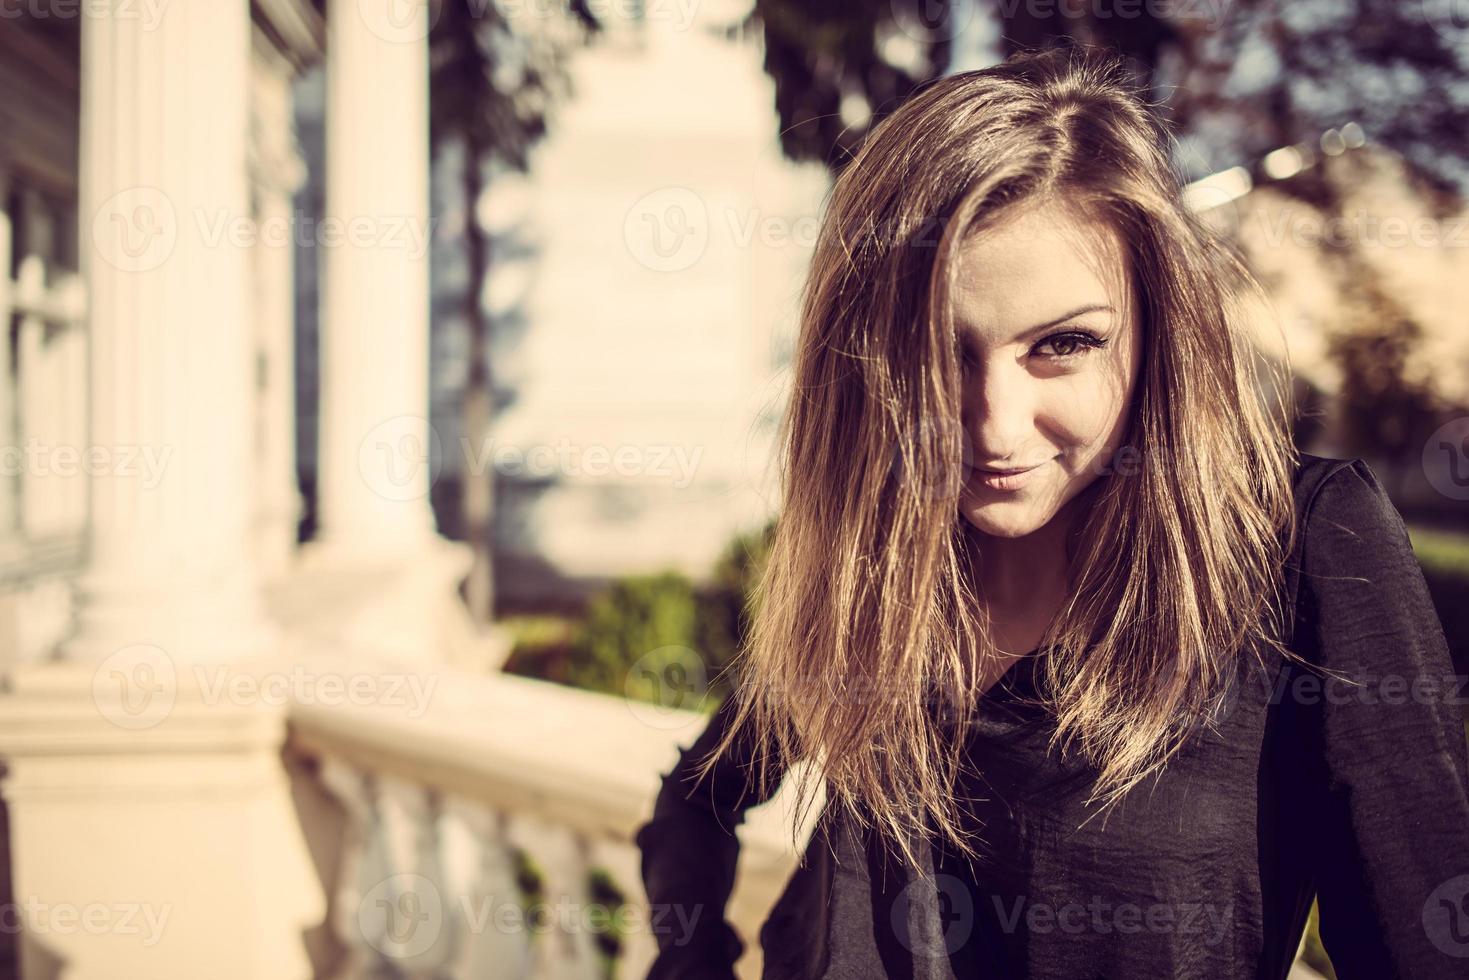 moda giovane bella donna ritratto soleggiato autunno all'aperto. foto